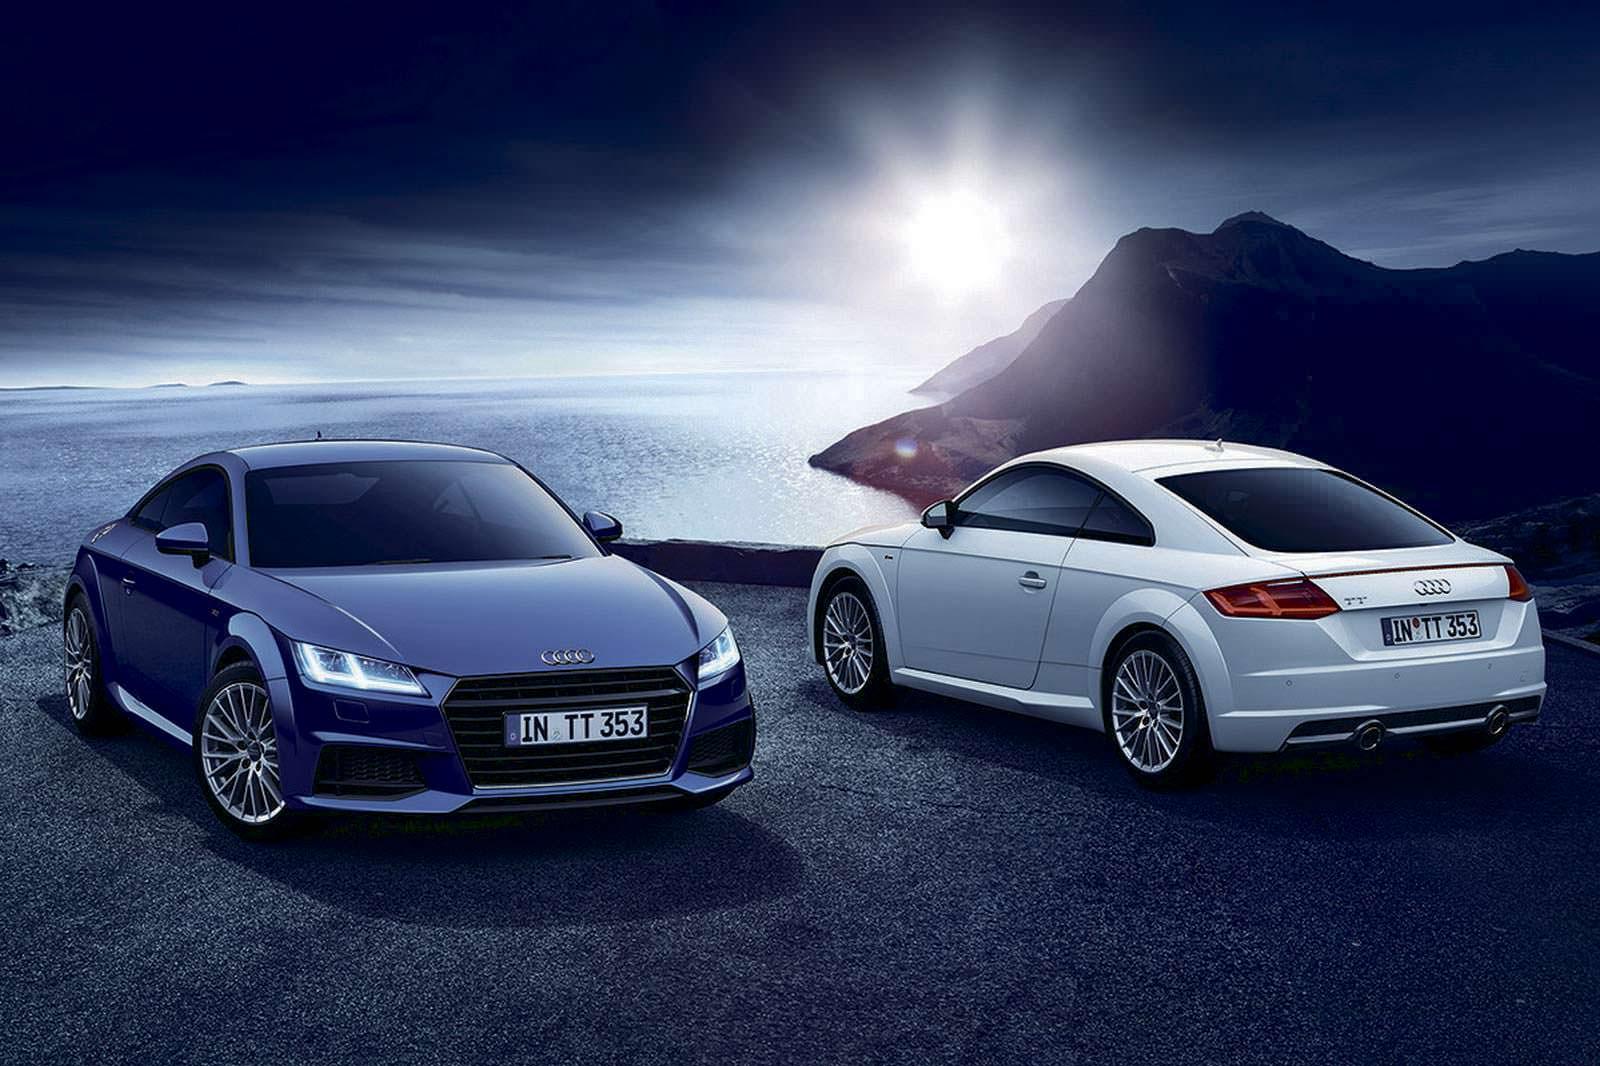 Audi TT 1.8 Lighting Style Edition специально для Японии